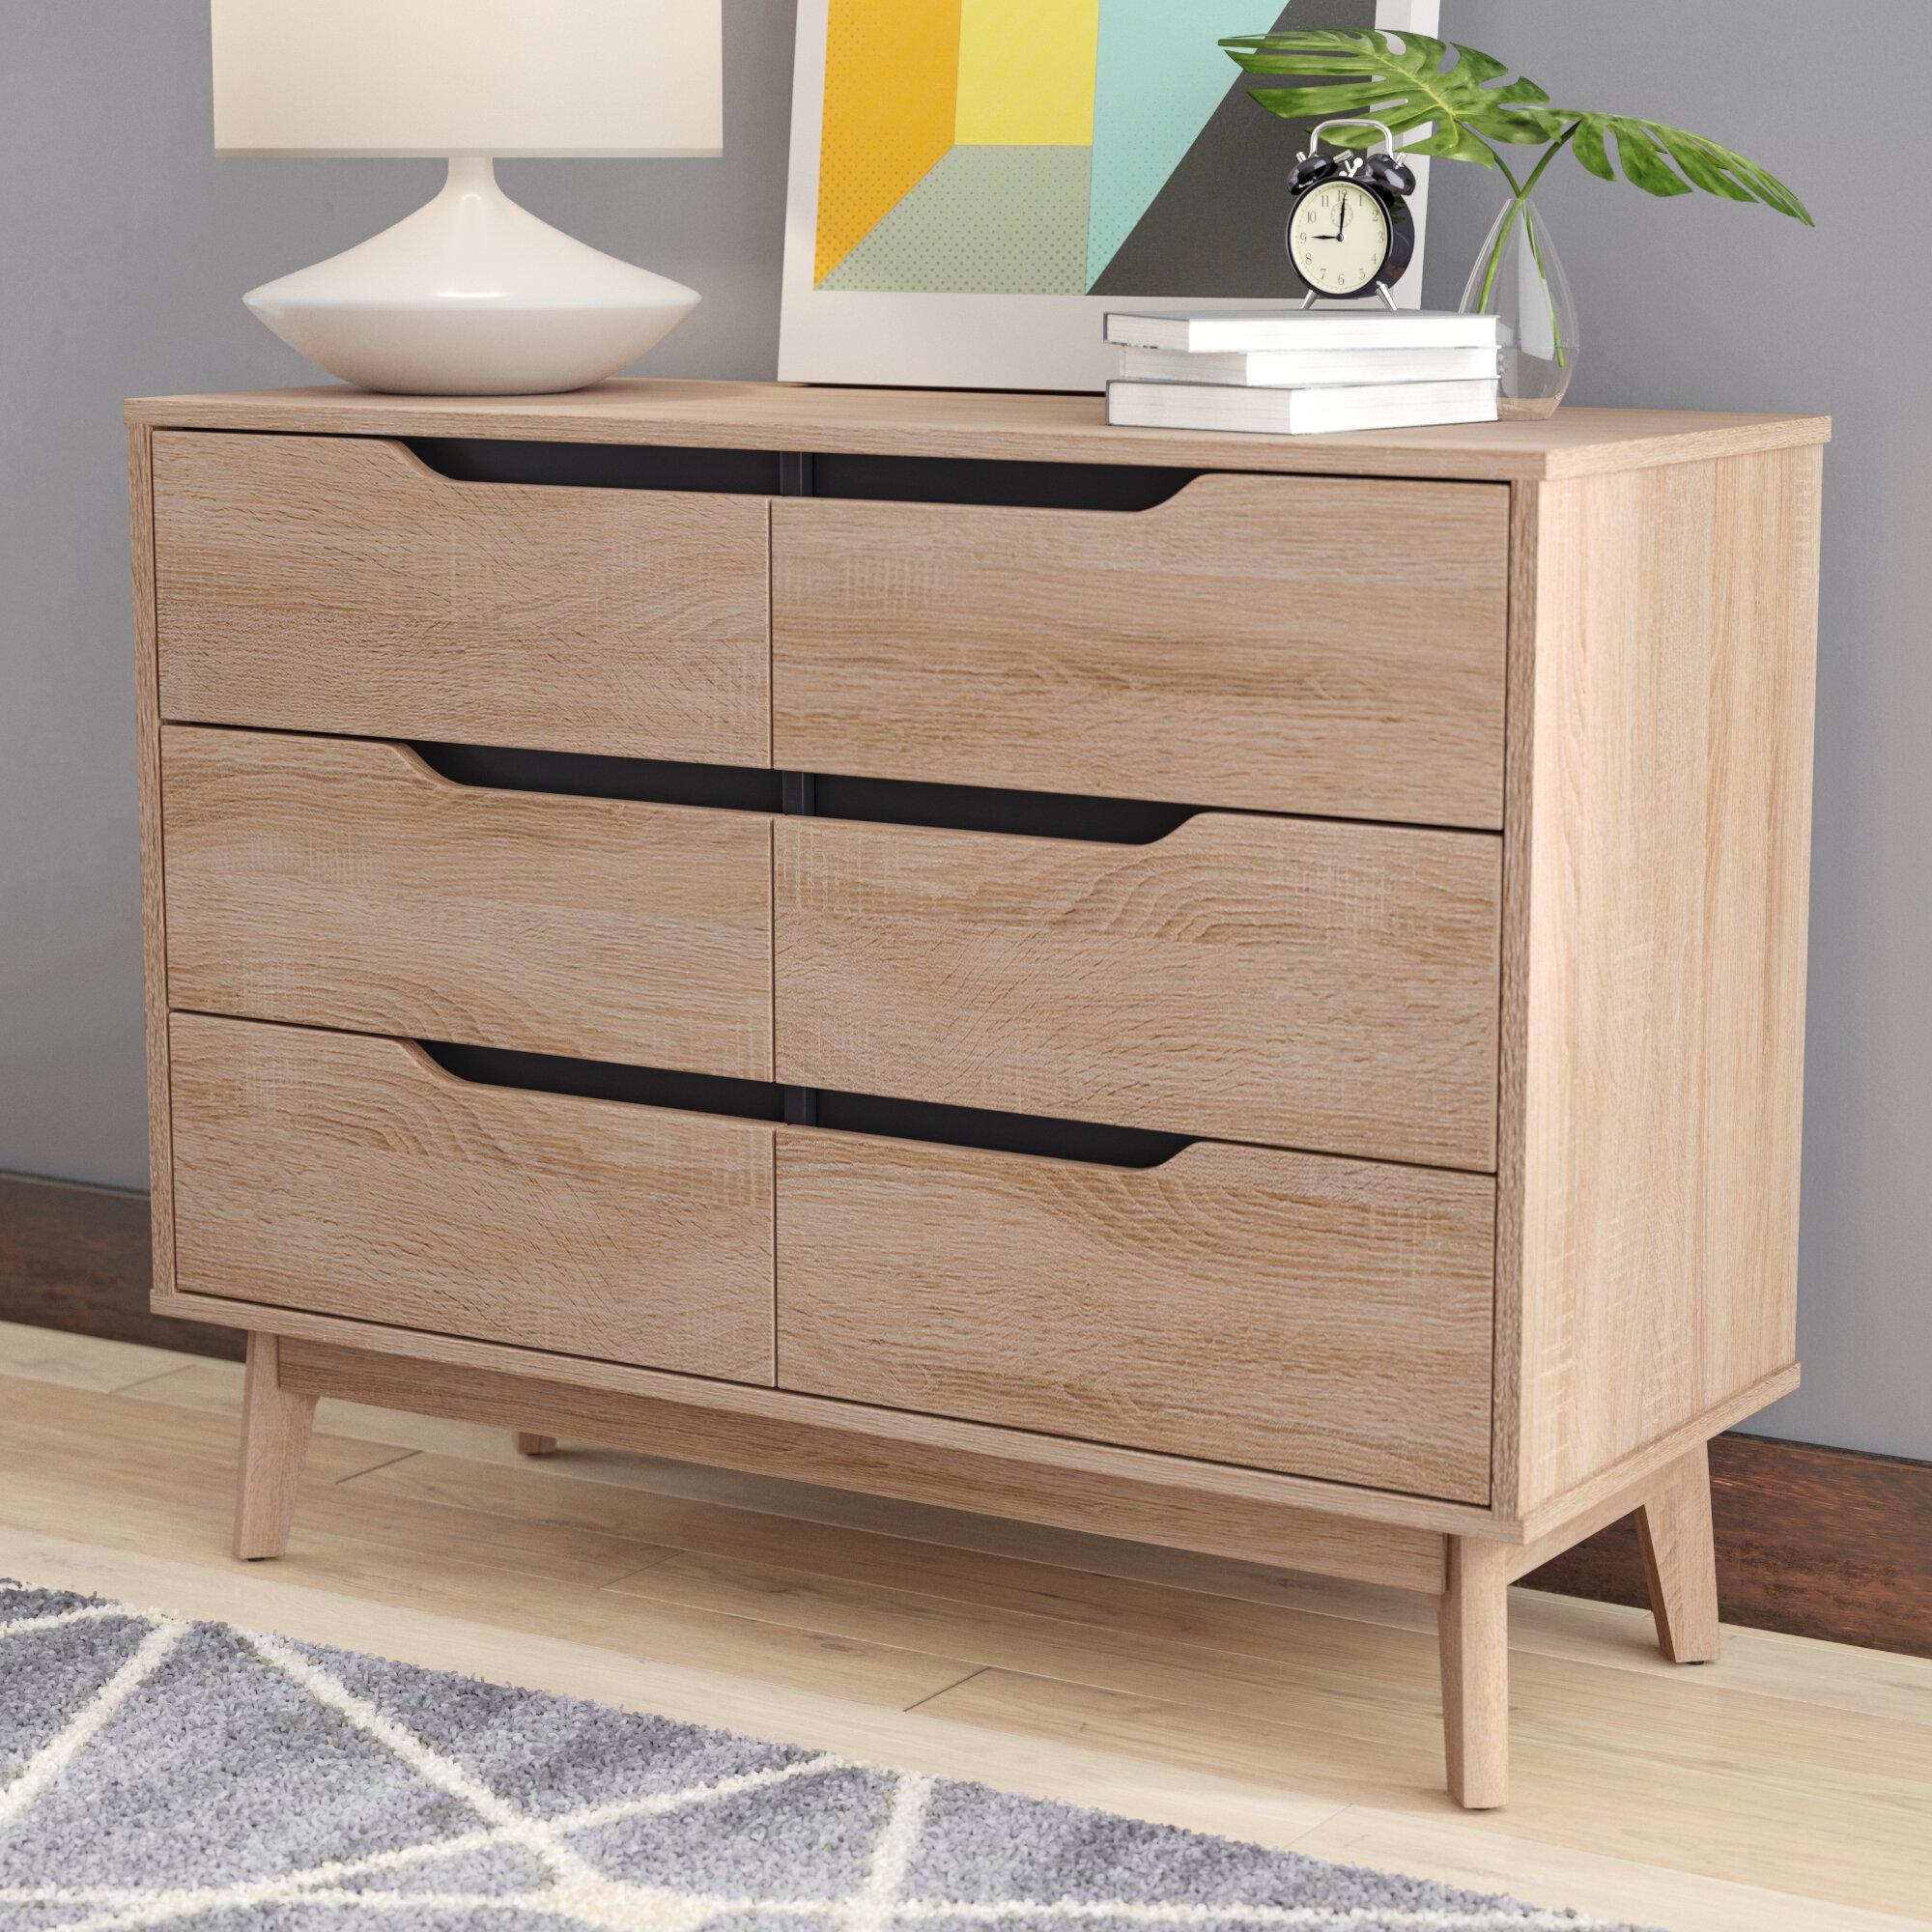 Langley street ezra modern 6 drawer standard dresser reviews wayfair